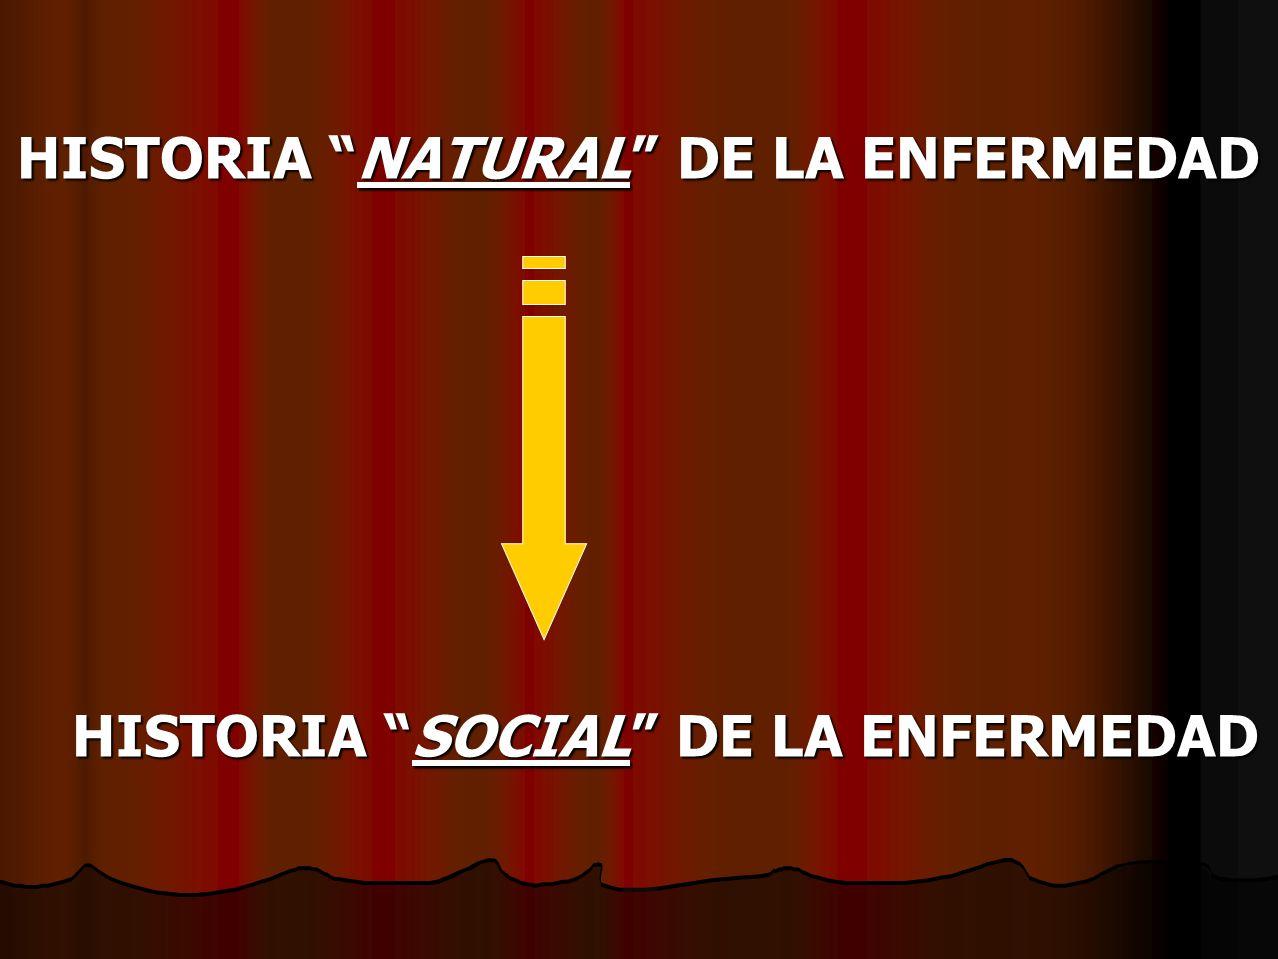 HISTORIA NATURAL DE LA ENFERMEDAD HISTORIA NATURAL DE LA ENFERMEDAD HISTORIA SOCIAL DE LA ENFERMEDAD